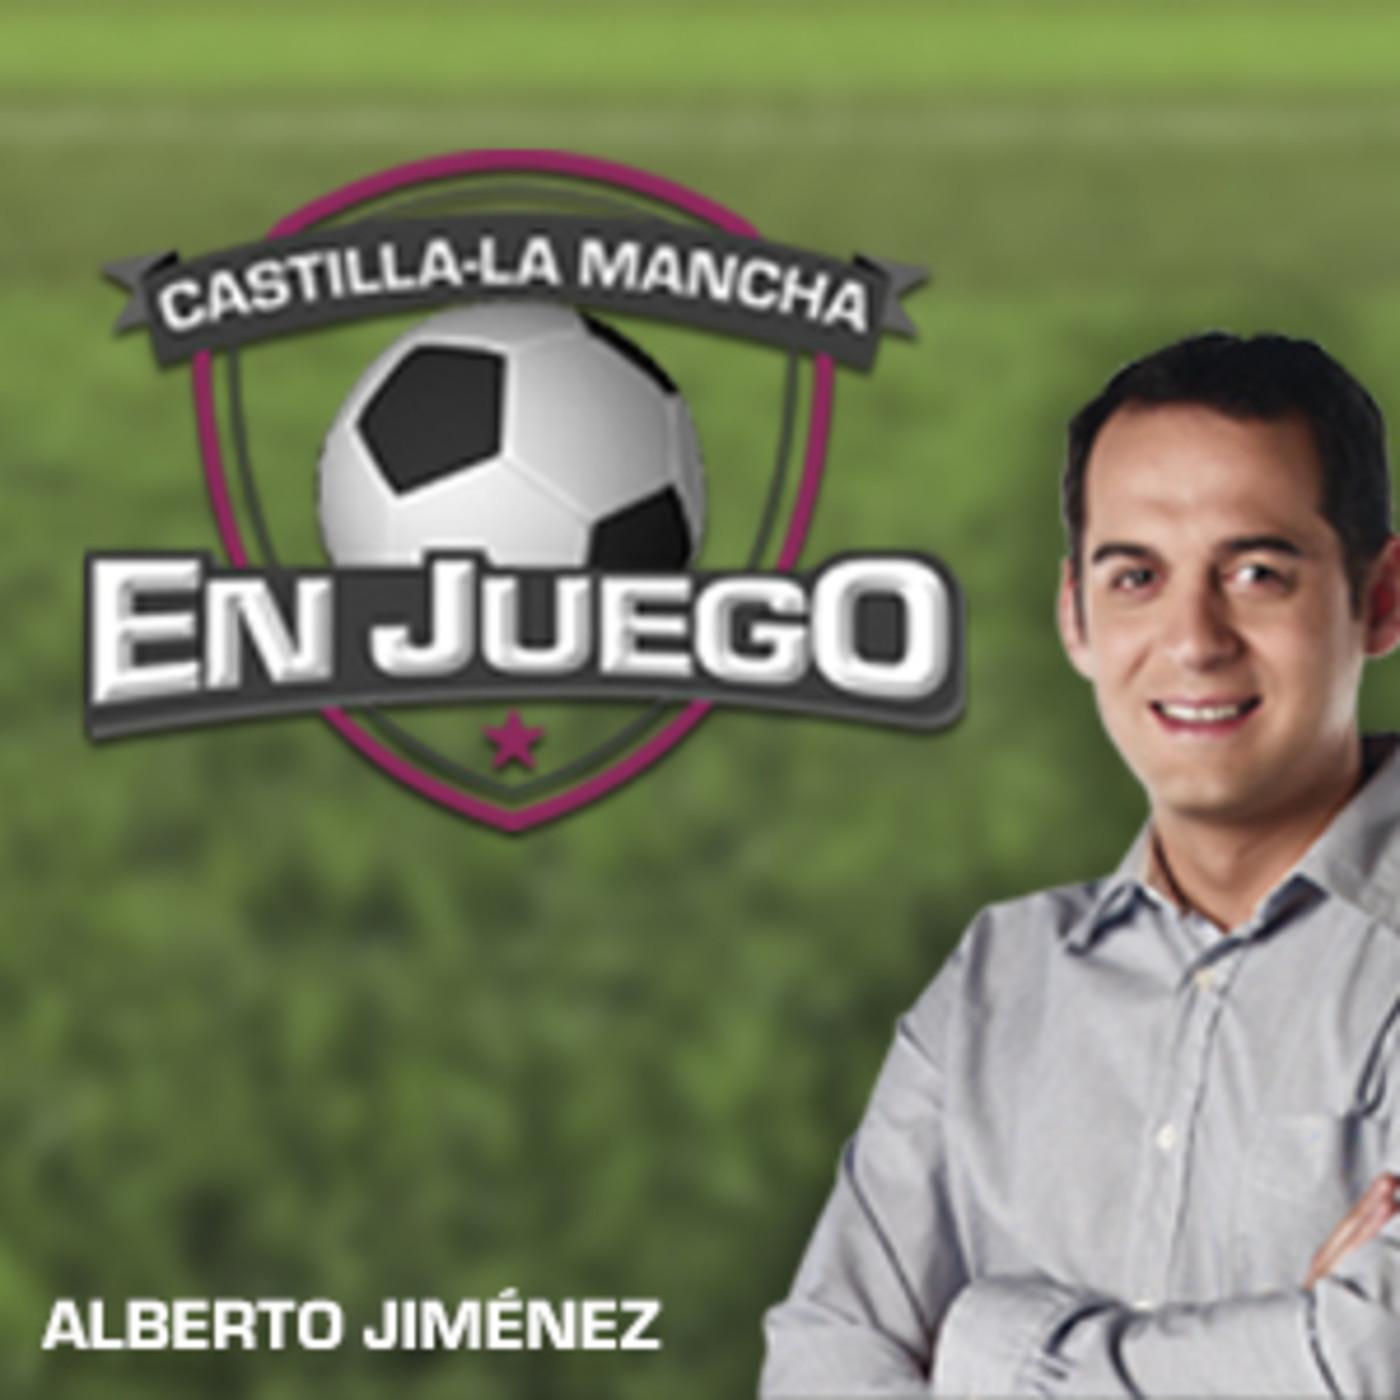 Castilla-La Mancha en Juego 20/10/2020 21:30